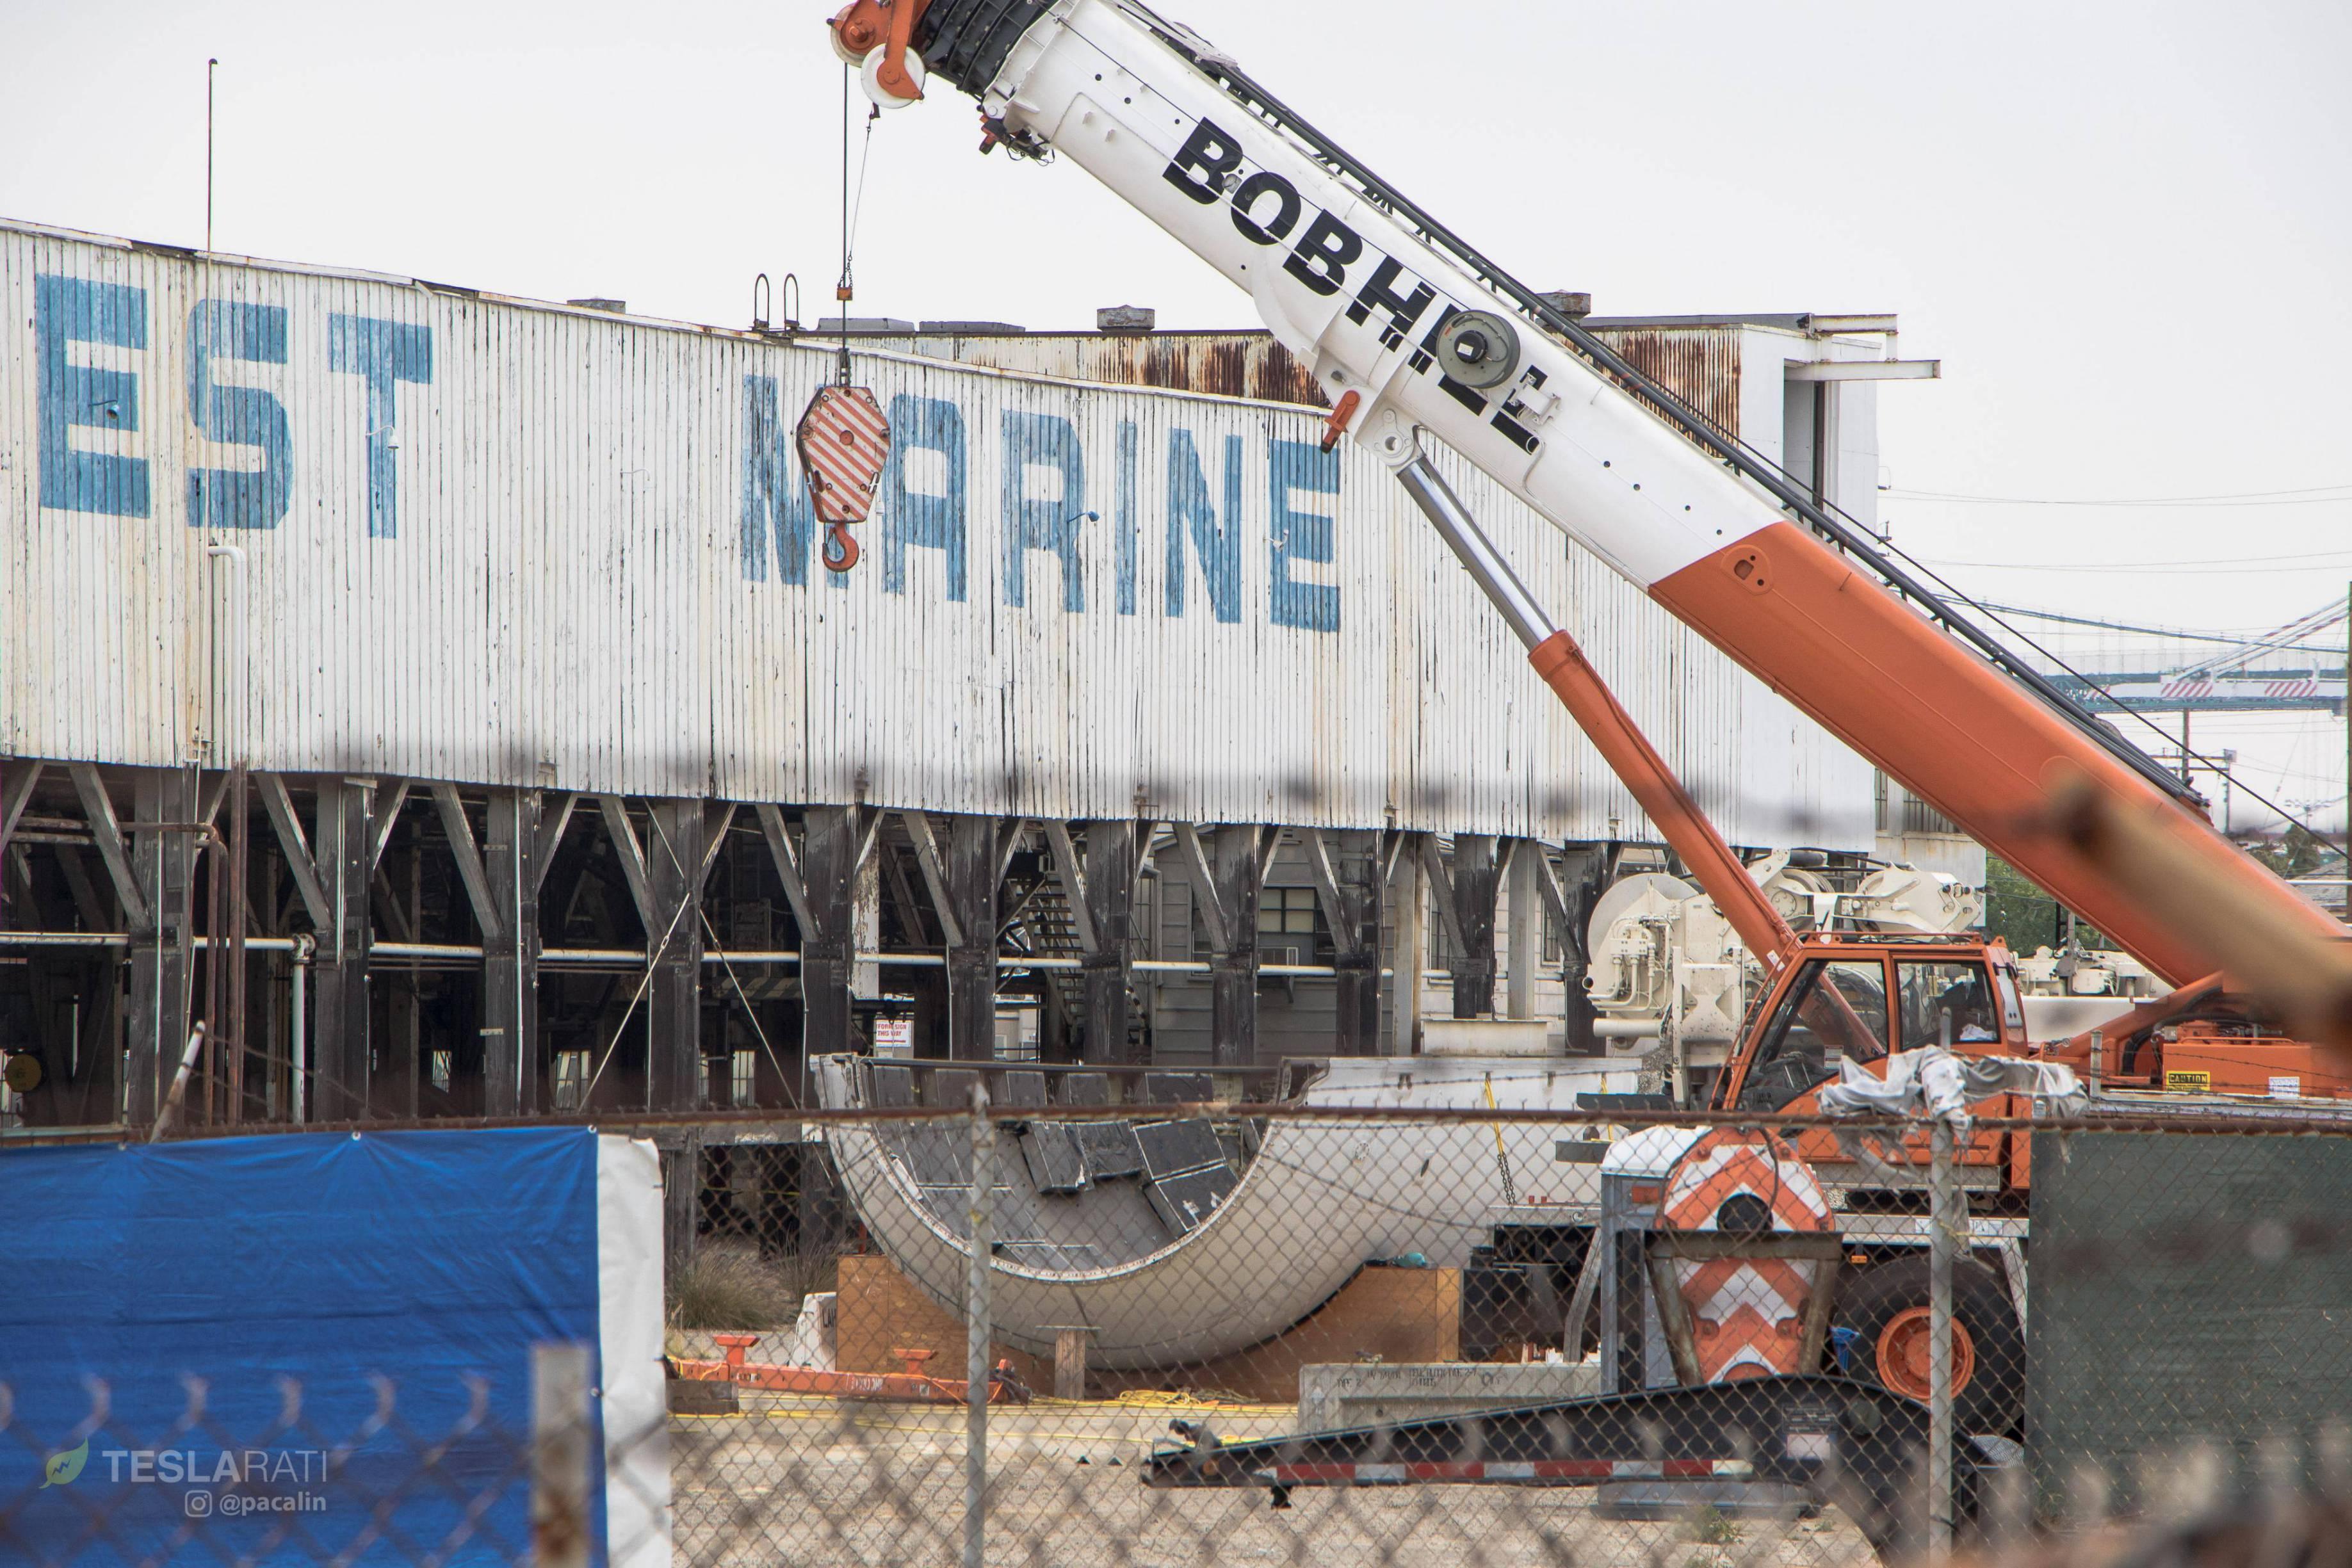 Berth 240 construction &fairings 062018 (Pauline Acalin) 1